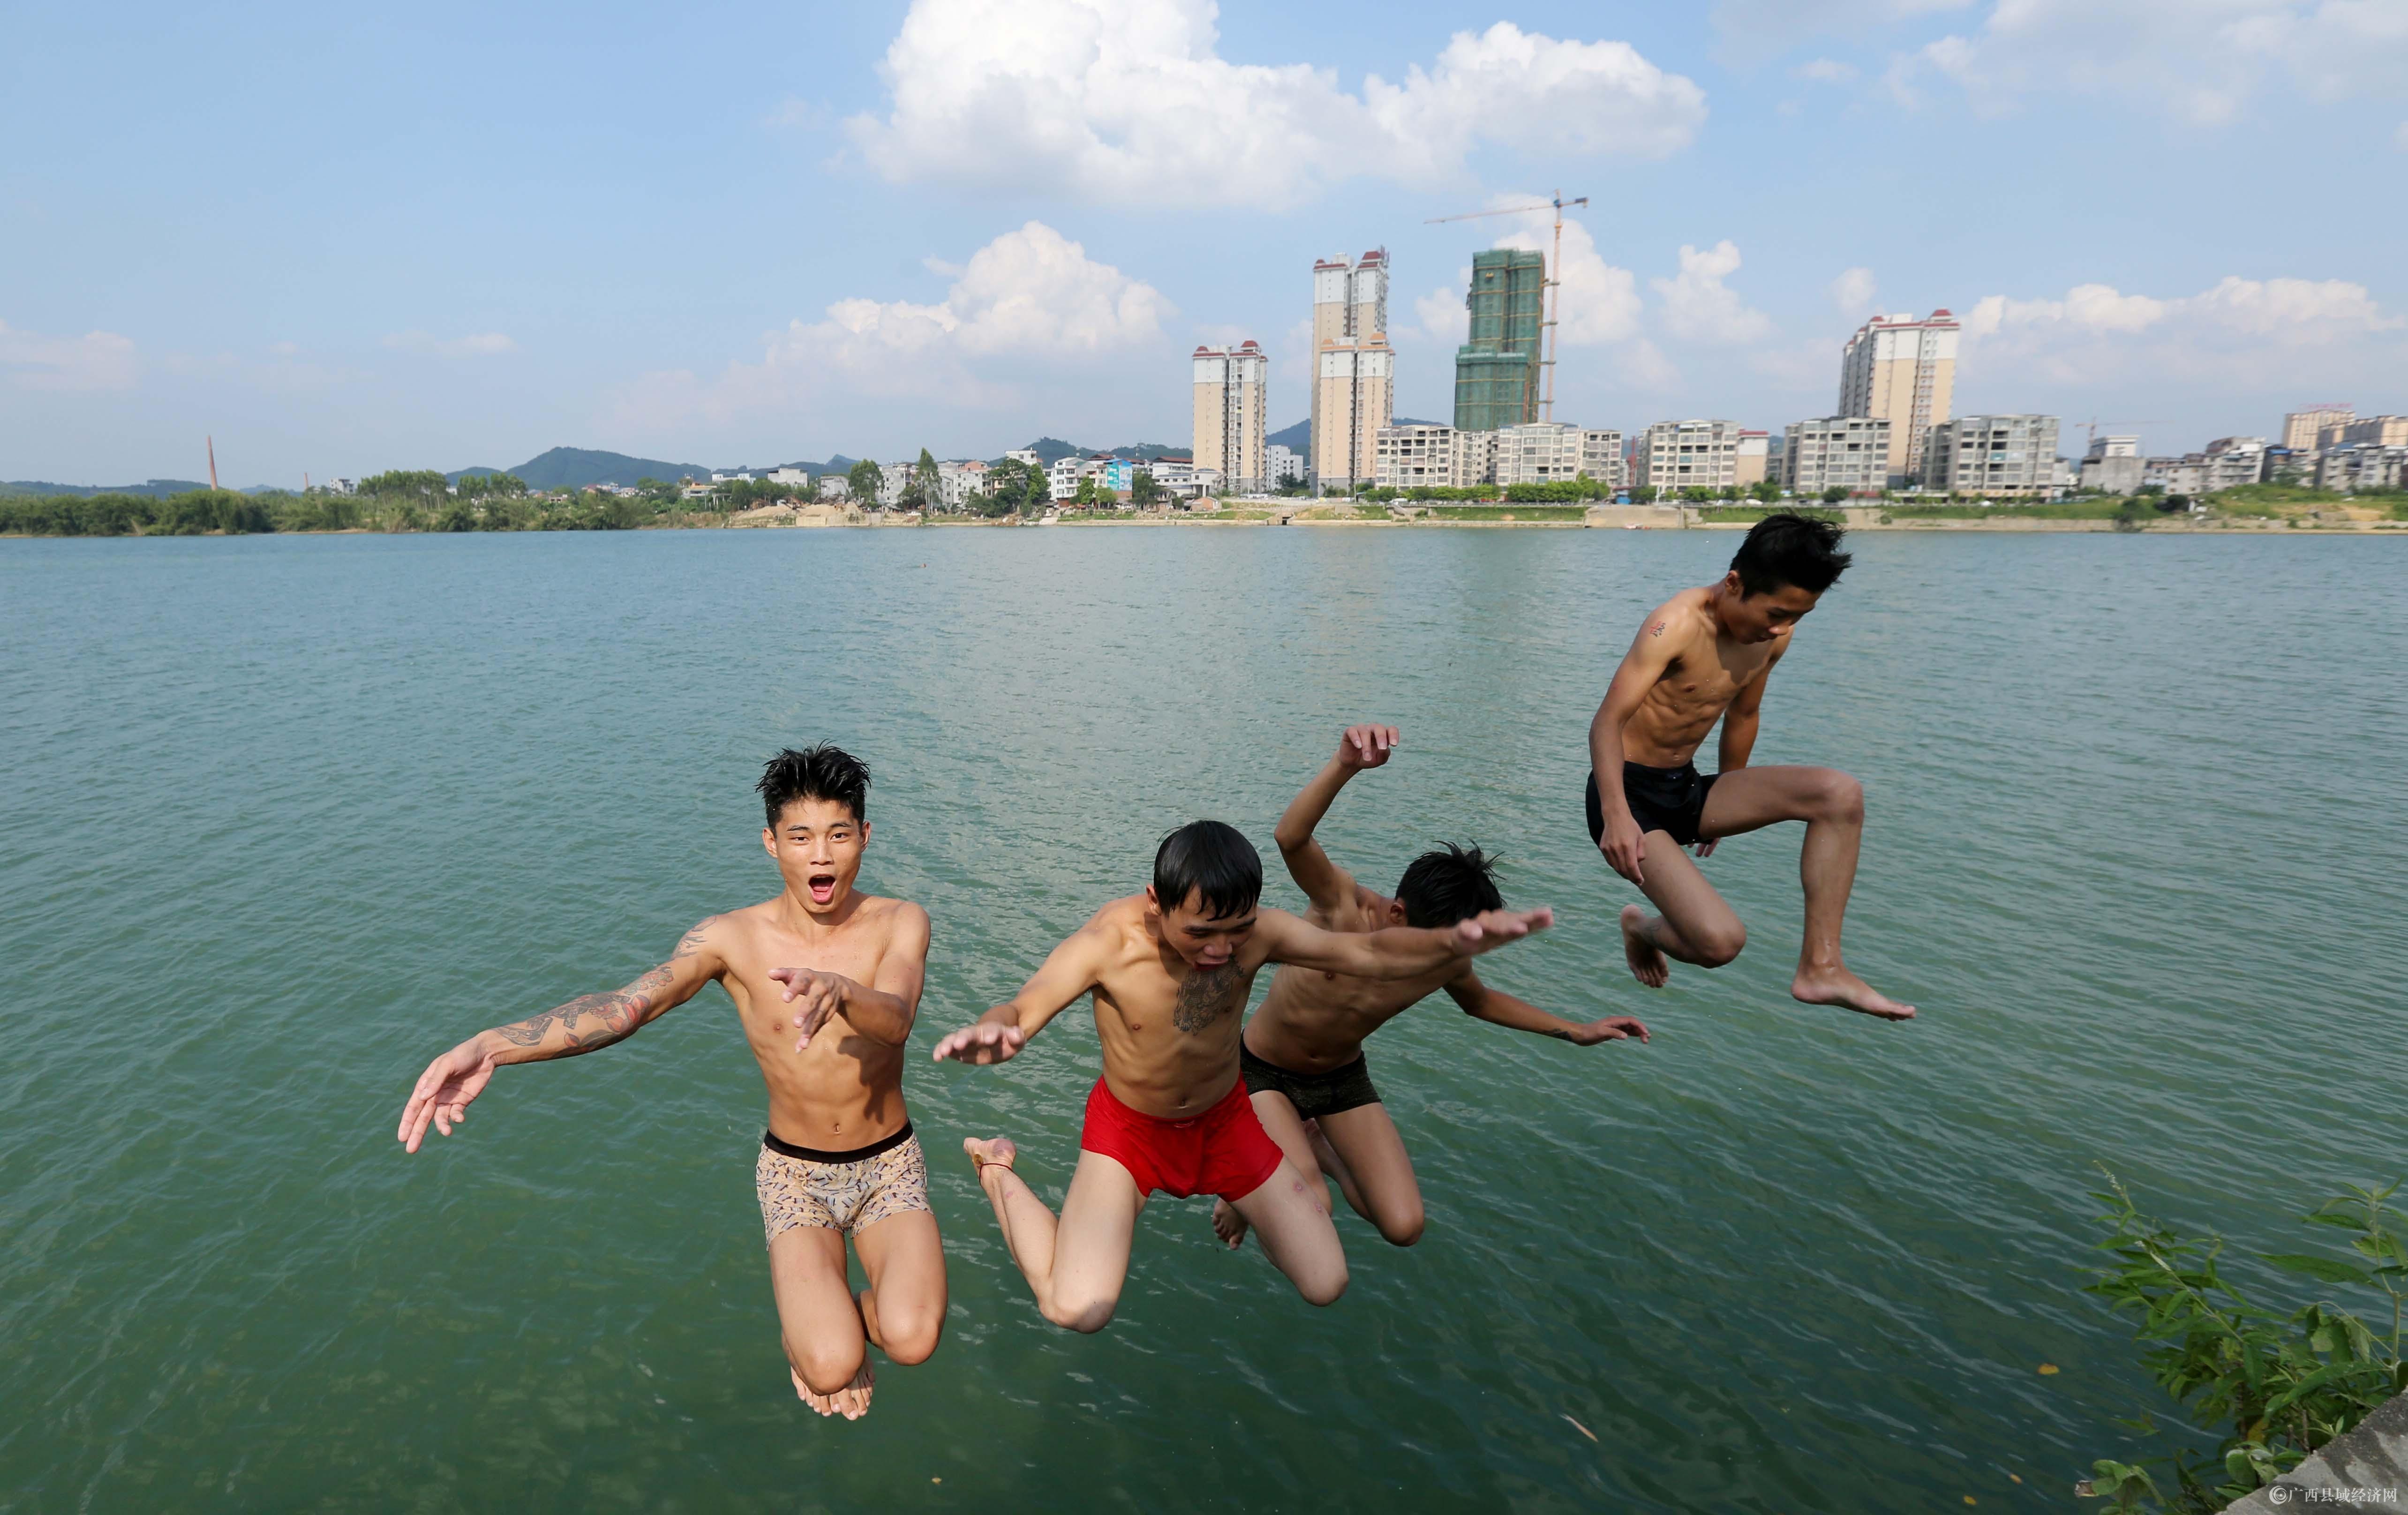 图1:8月7日,在融江广西柳州市融安县城段,一群青年跳入水中解暑。(谭凯兴 摄).JPG